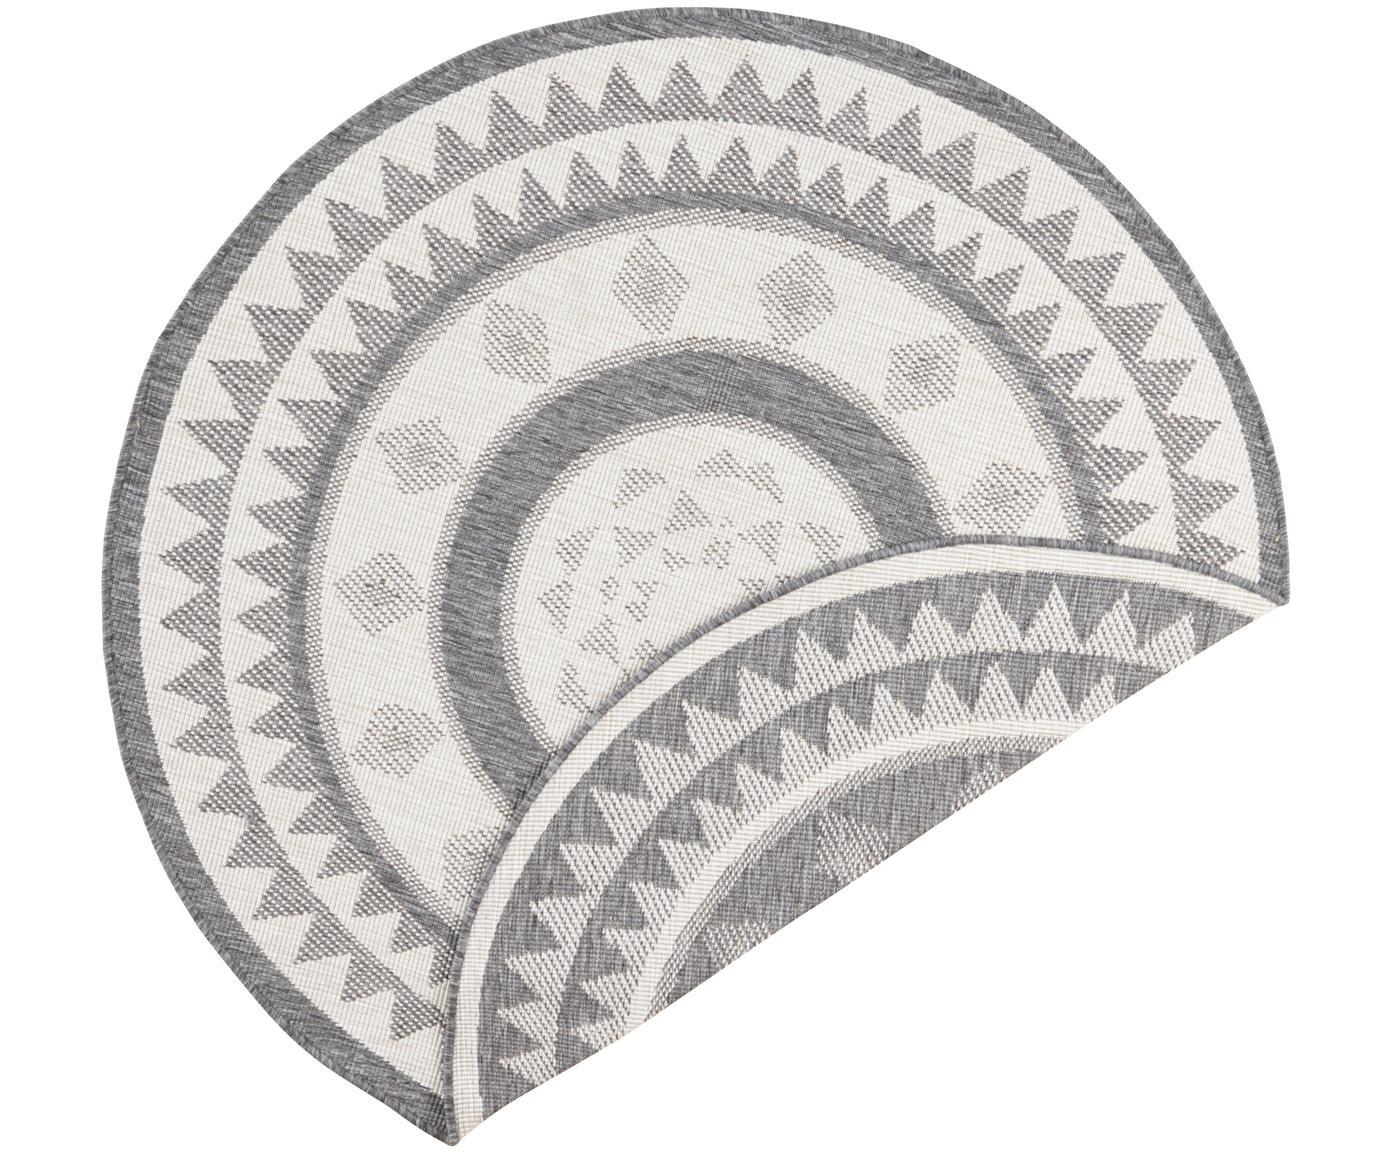 Okrągły dwustronny dywan wewnętrzny/zewnętrzny Jamaica, Szary, kremowy, Ø 140 cm (Rozmiar M)